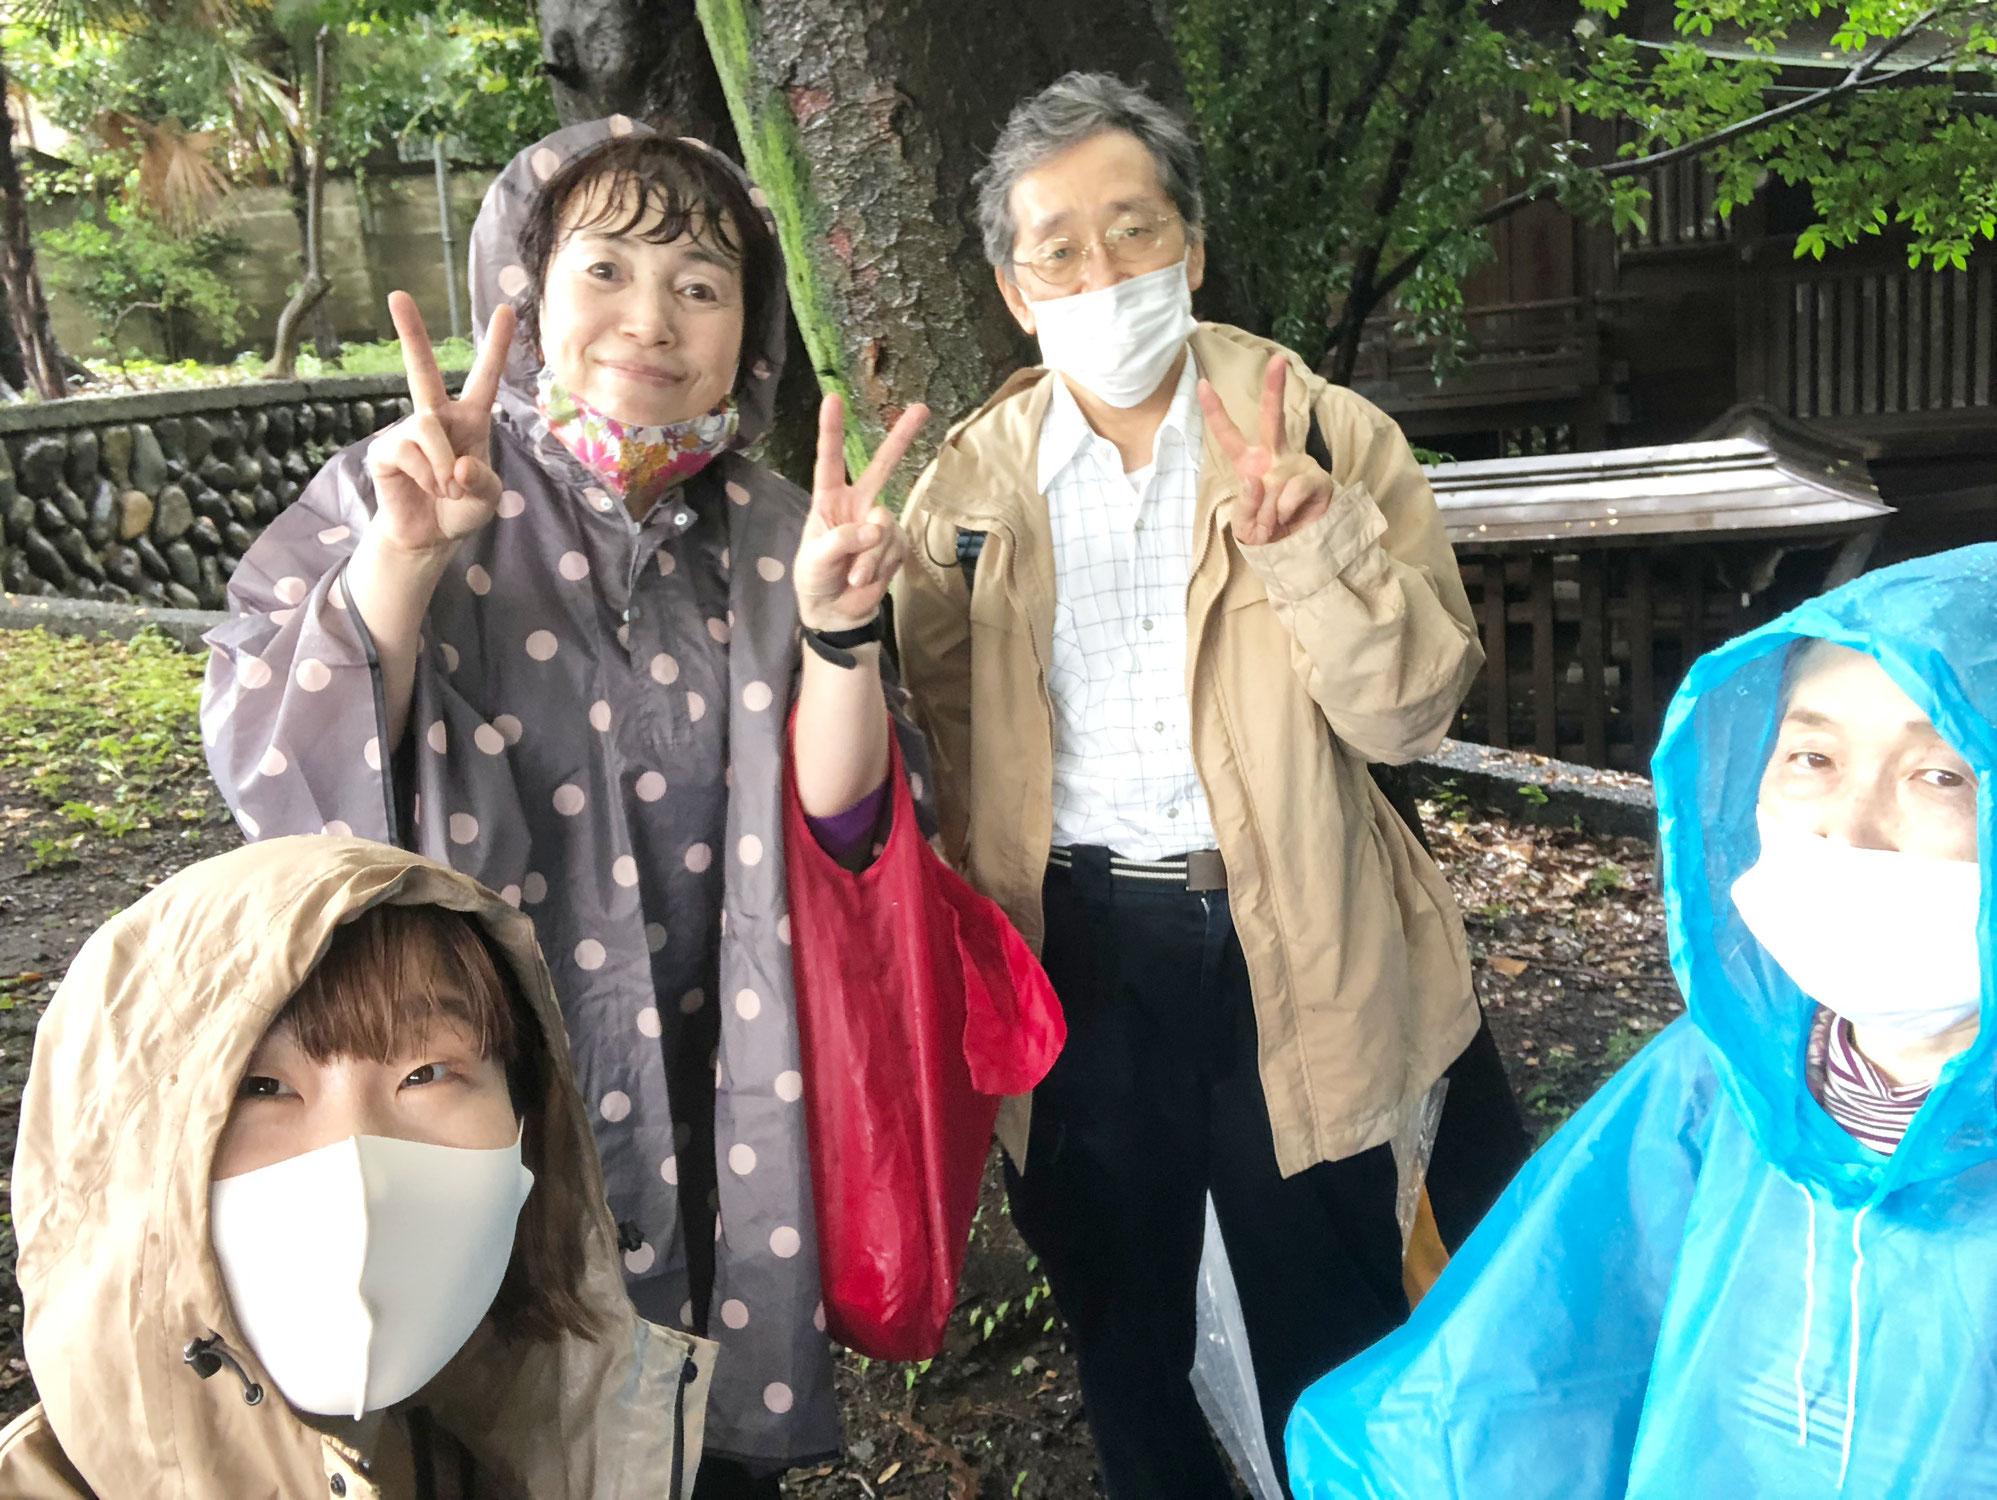 ツクヨミ様からのメッセージ 東京 聖なる儀式にて